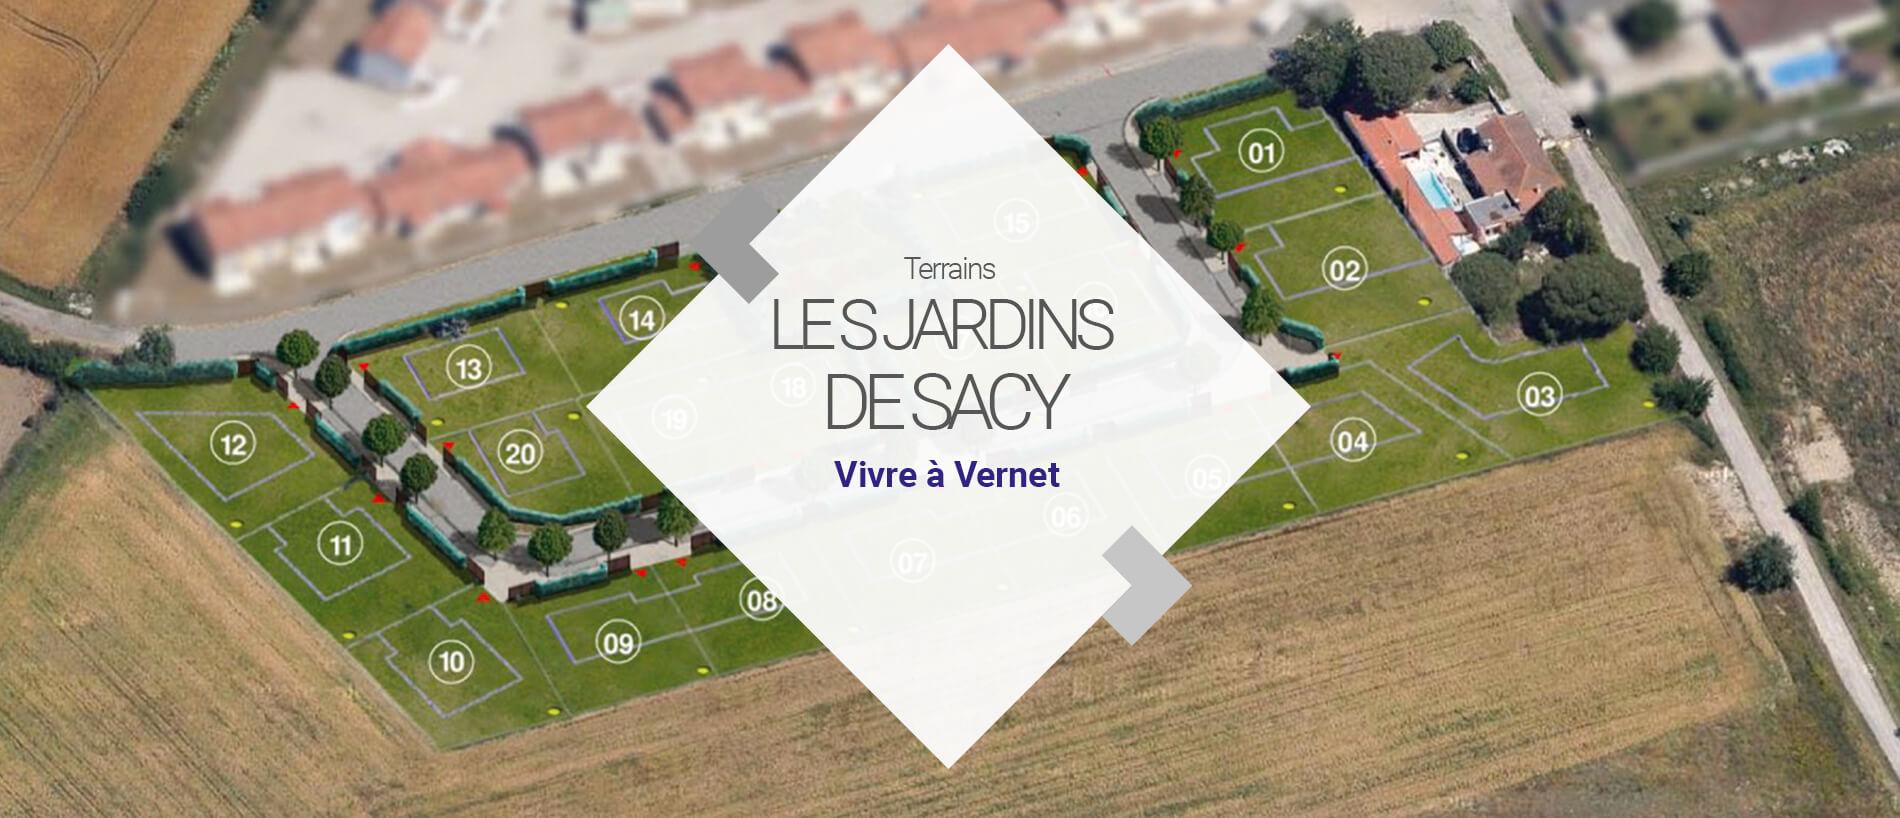 BG Promotion - Slide Vidéo 3D - Les Jardins de Sacy